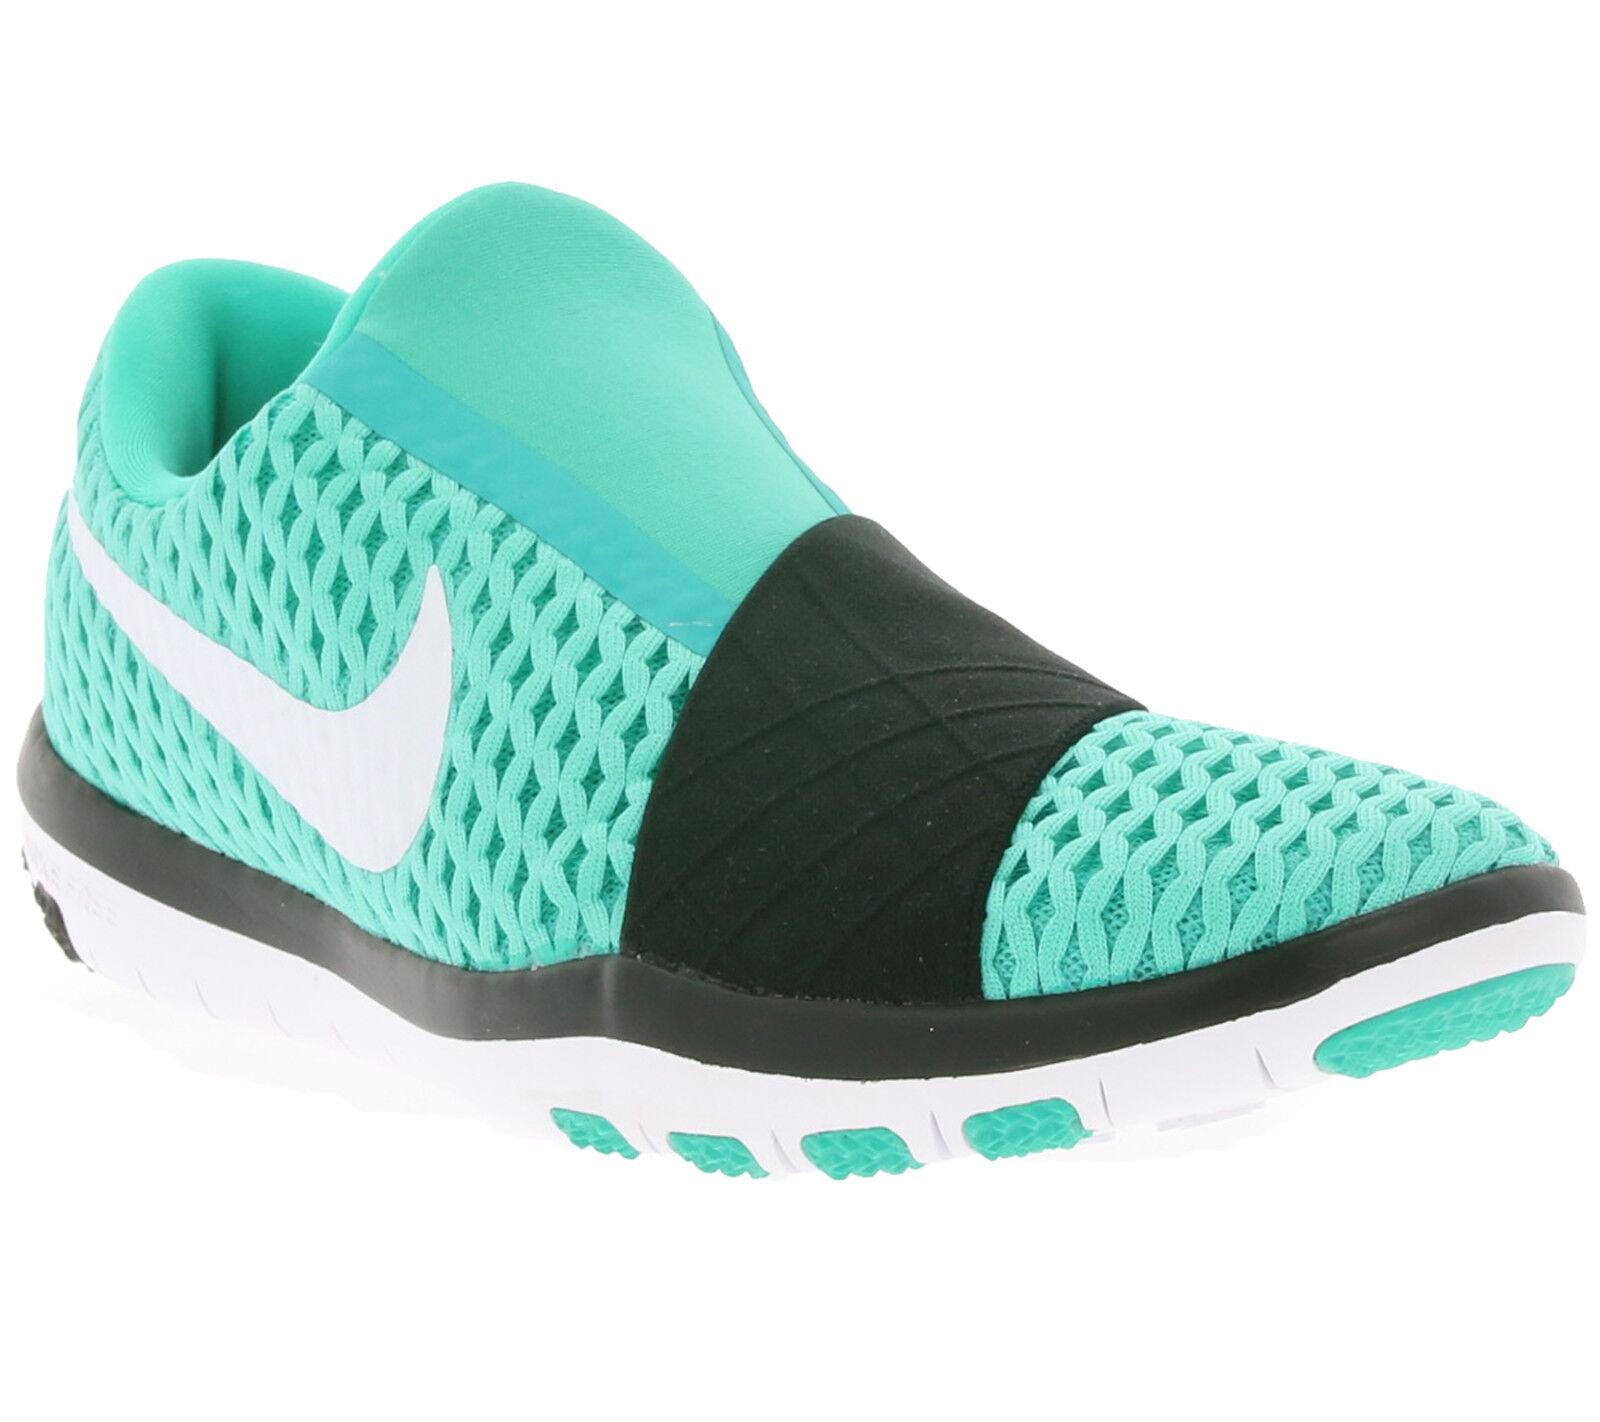 Nike  Free Connect verde Mujer 843966-300 Zapatillas Correr Nuevo Gr.37, 5  servicio considerado